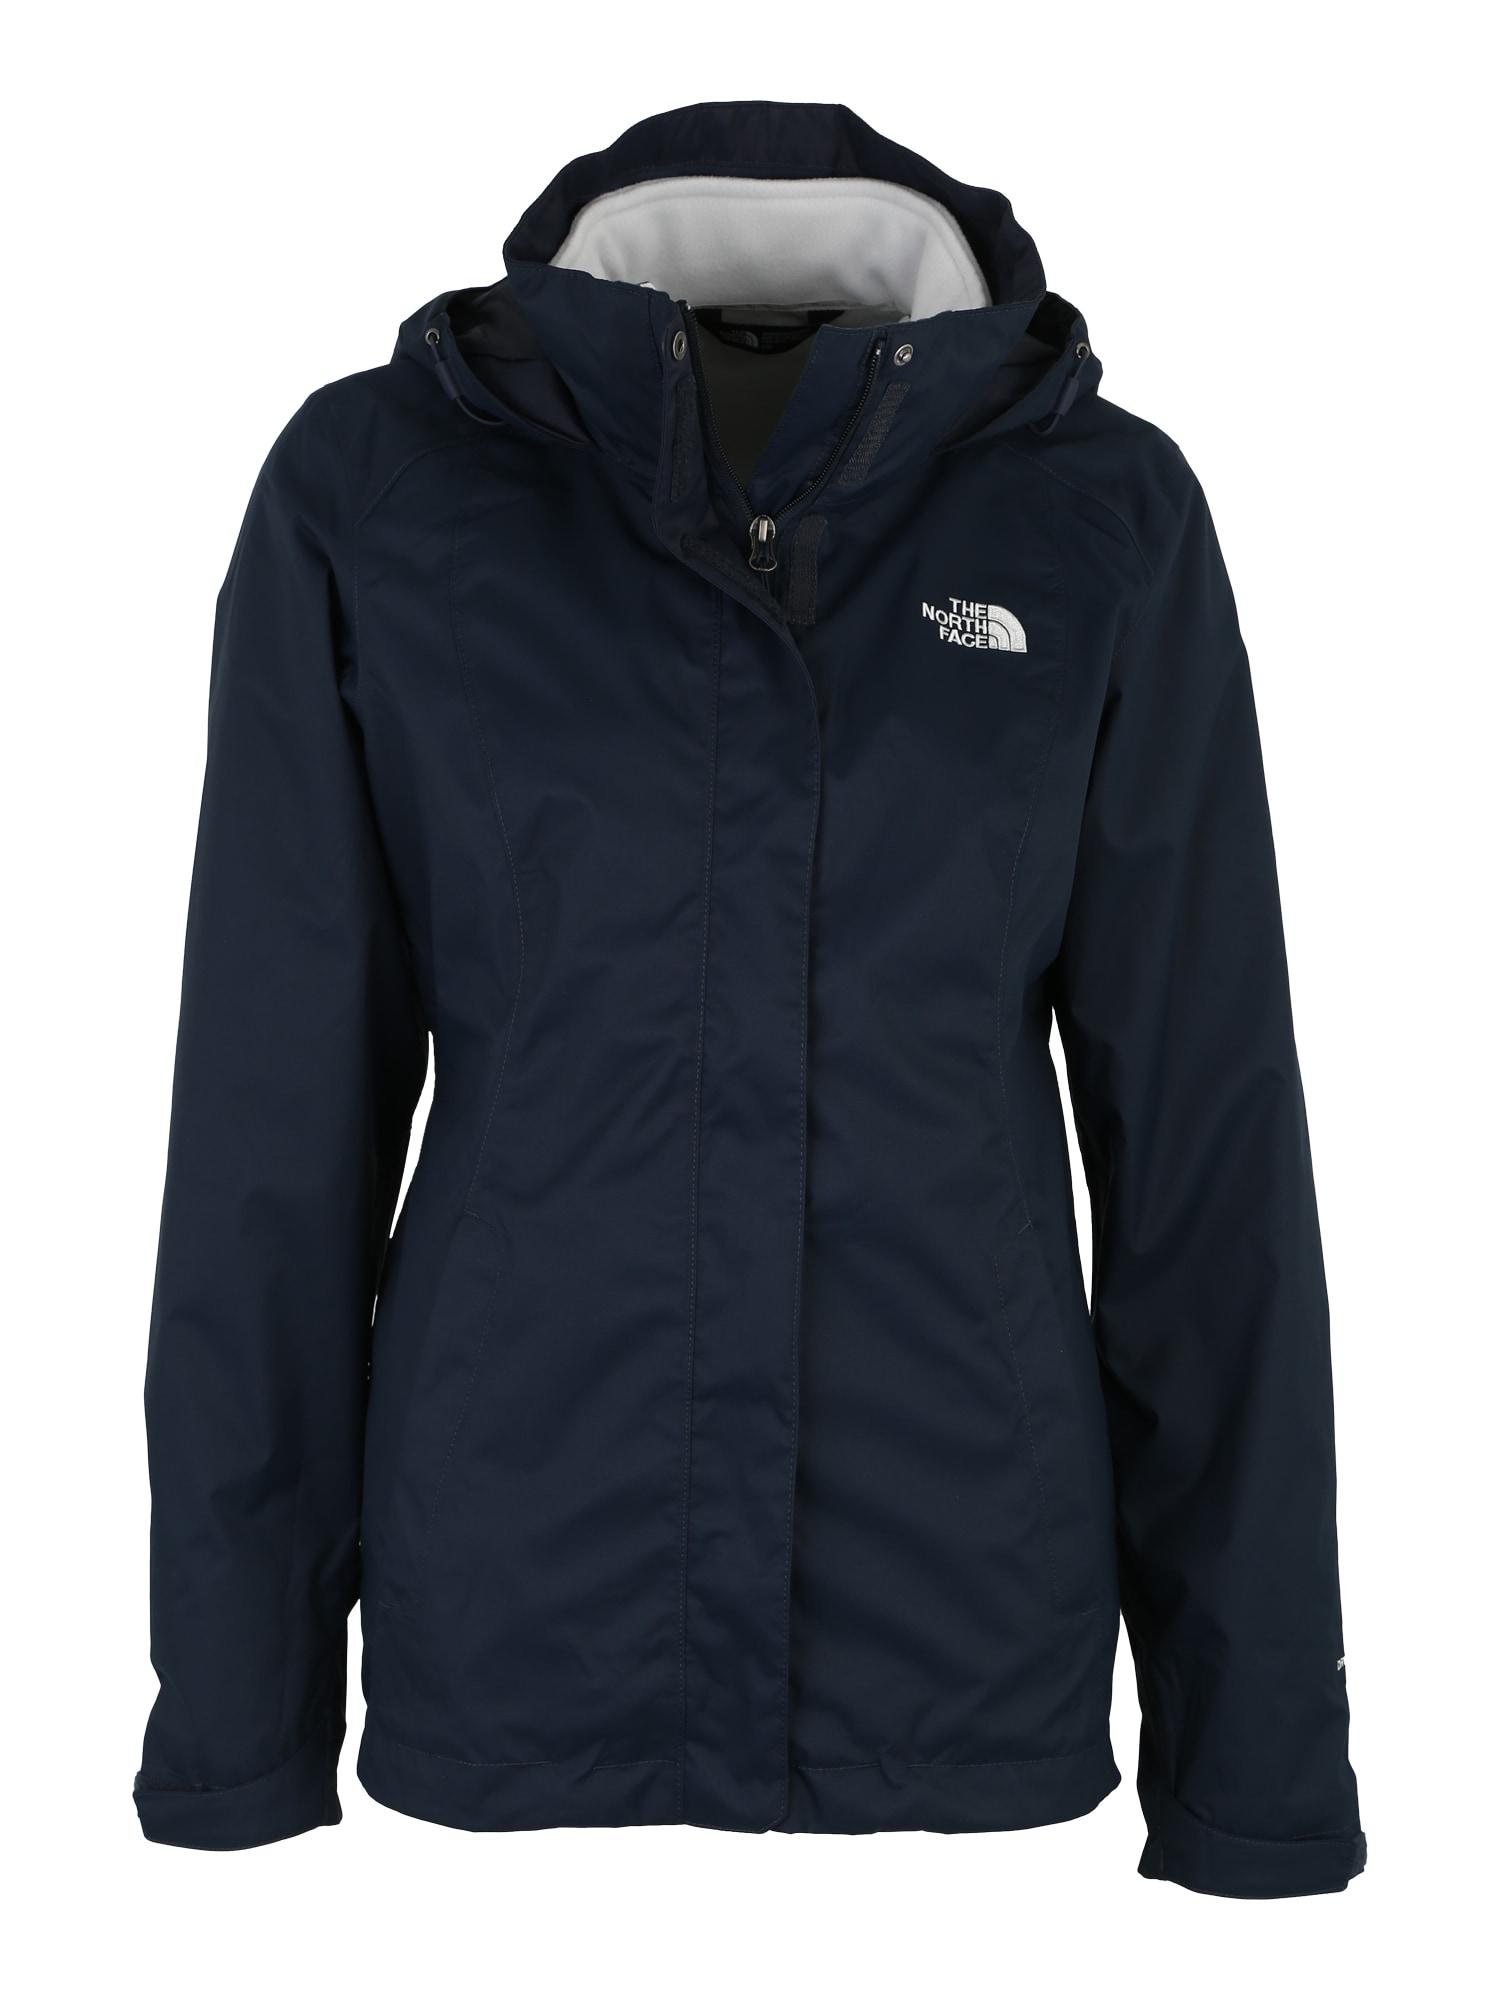 Outdoorová bunda Evolve námořnická modř šedá THE NORTH FACE